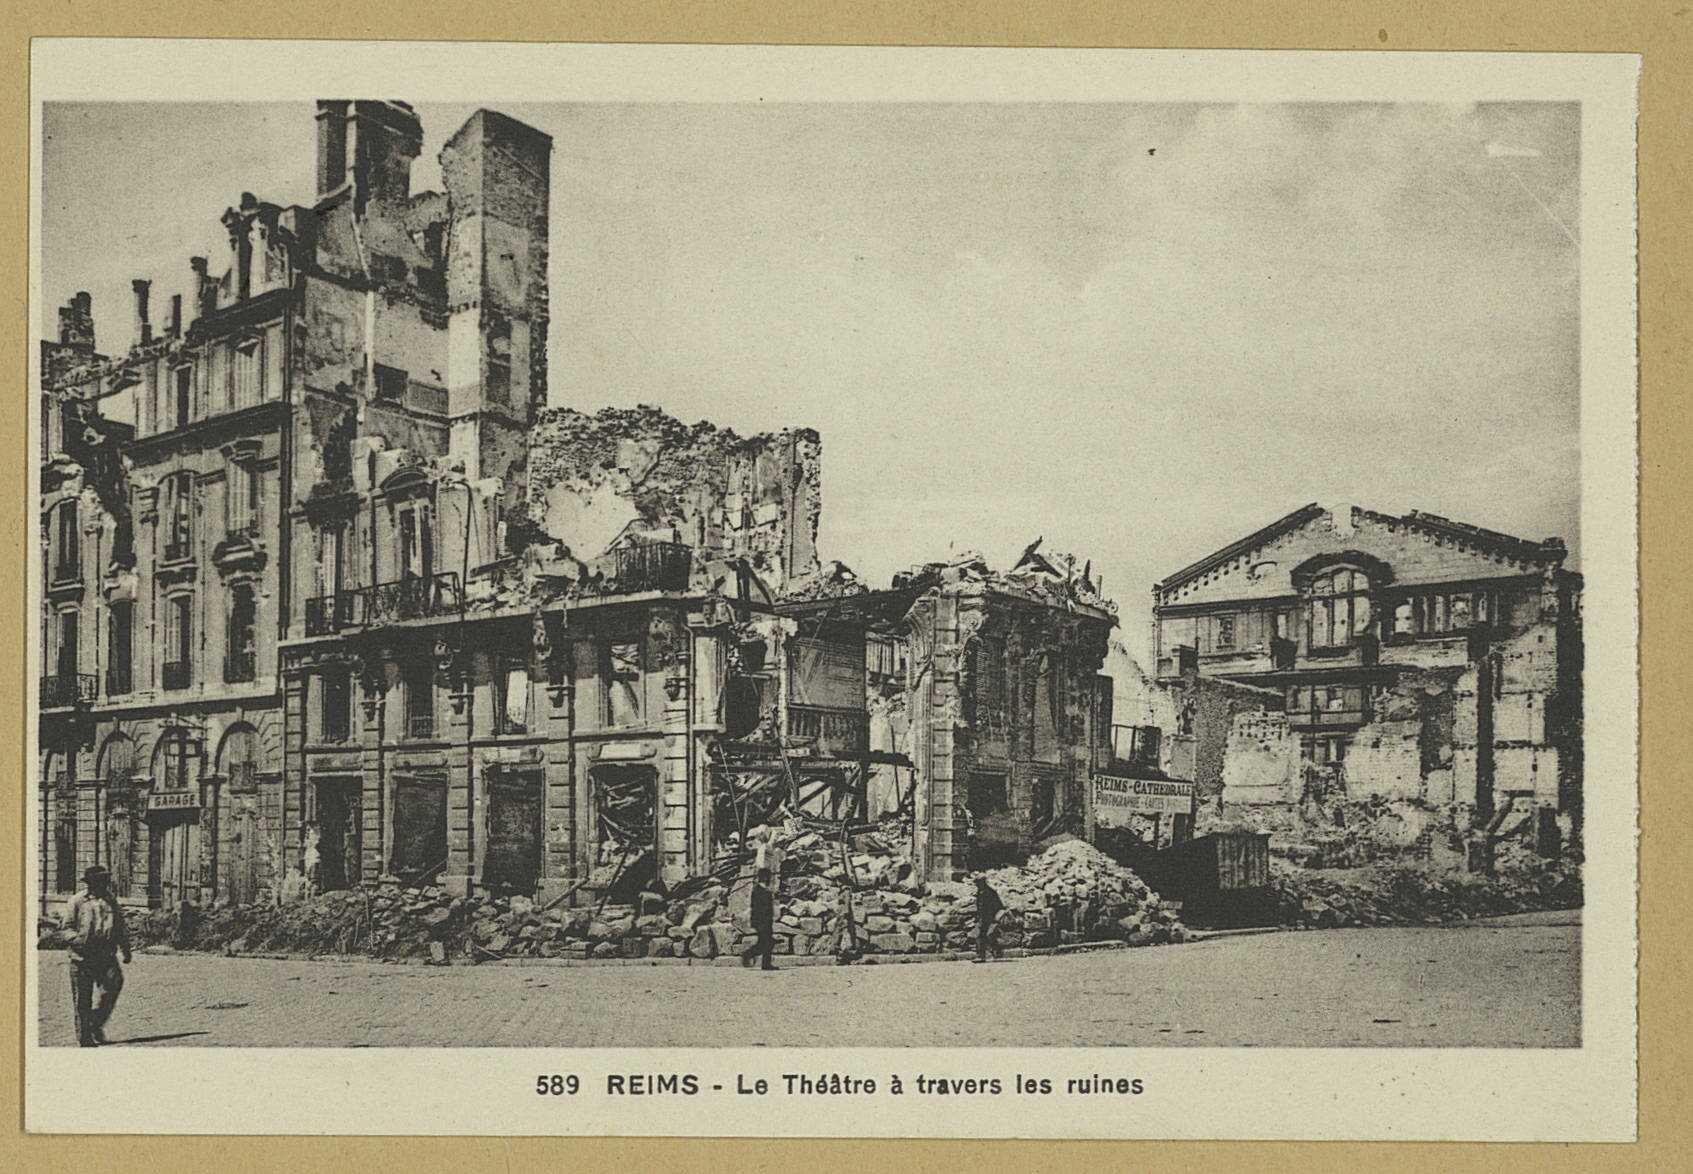 REIMS. 589. Le Théâtre à travers les ruines. Strasbourg-Schiltigheim [s.n.] ([S.l.] Cie des Arts Photomécaniques). Sans date